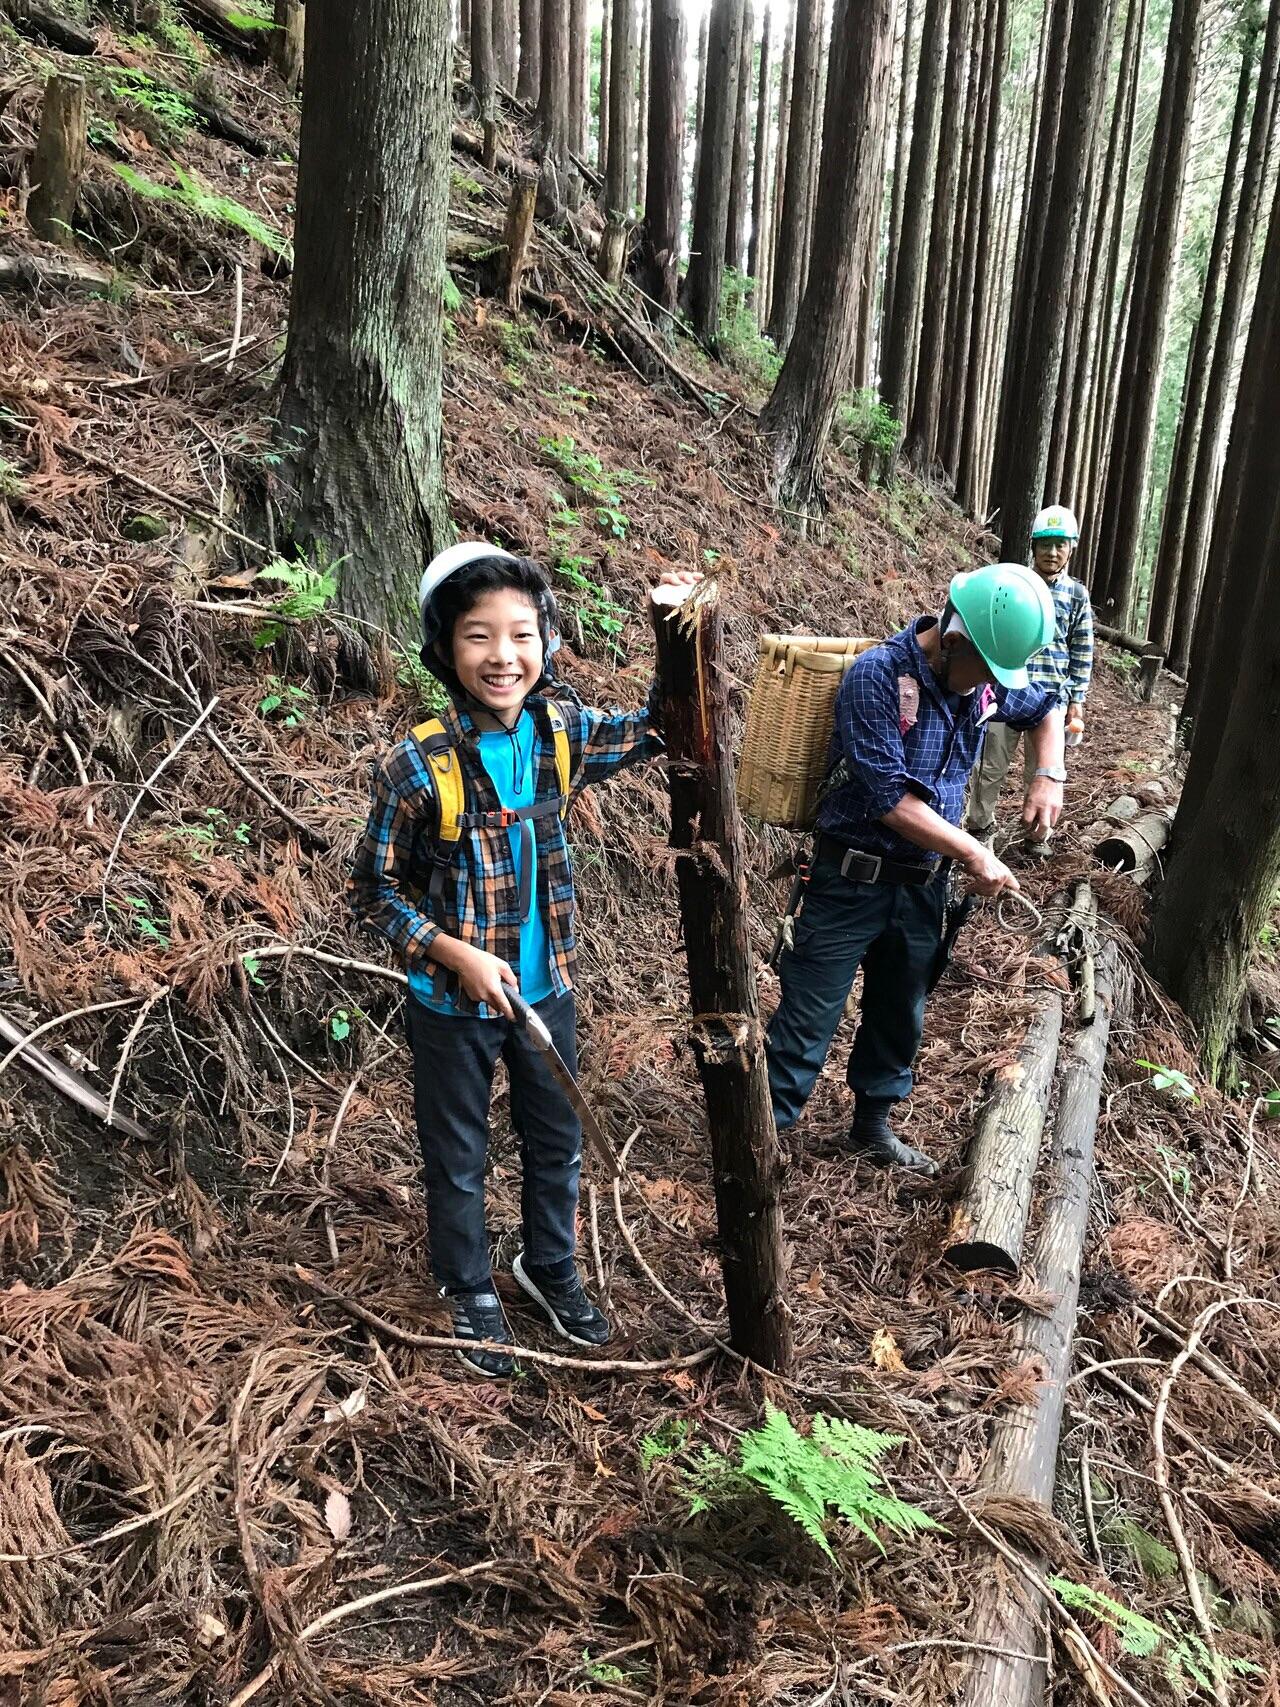 題名 小さき木こり・・・青梅成木の森ツアー